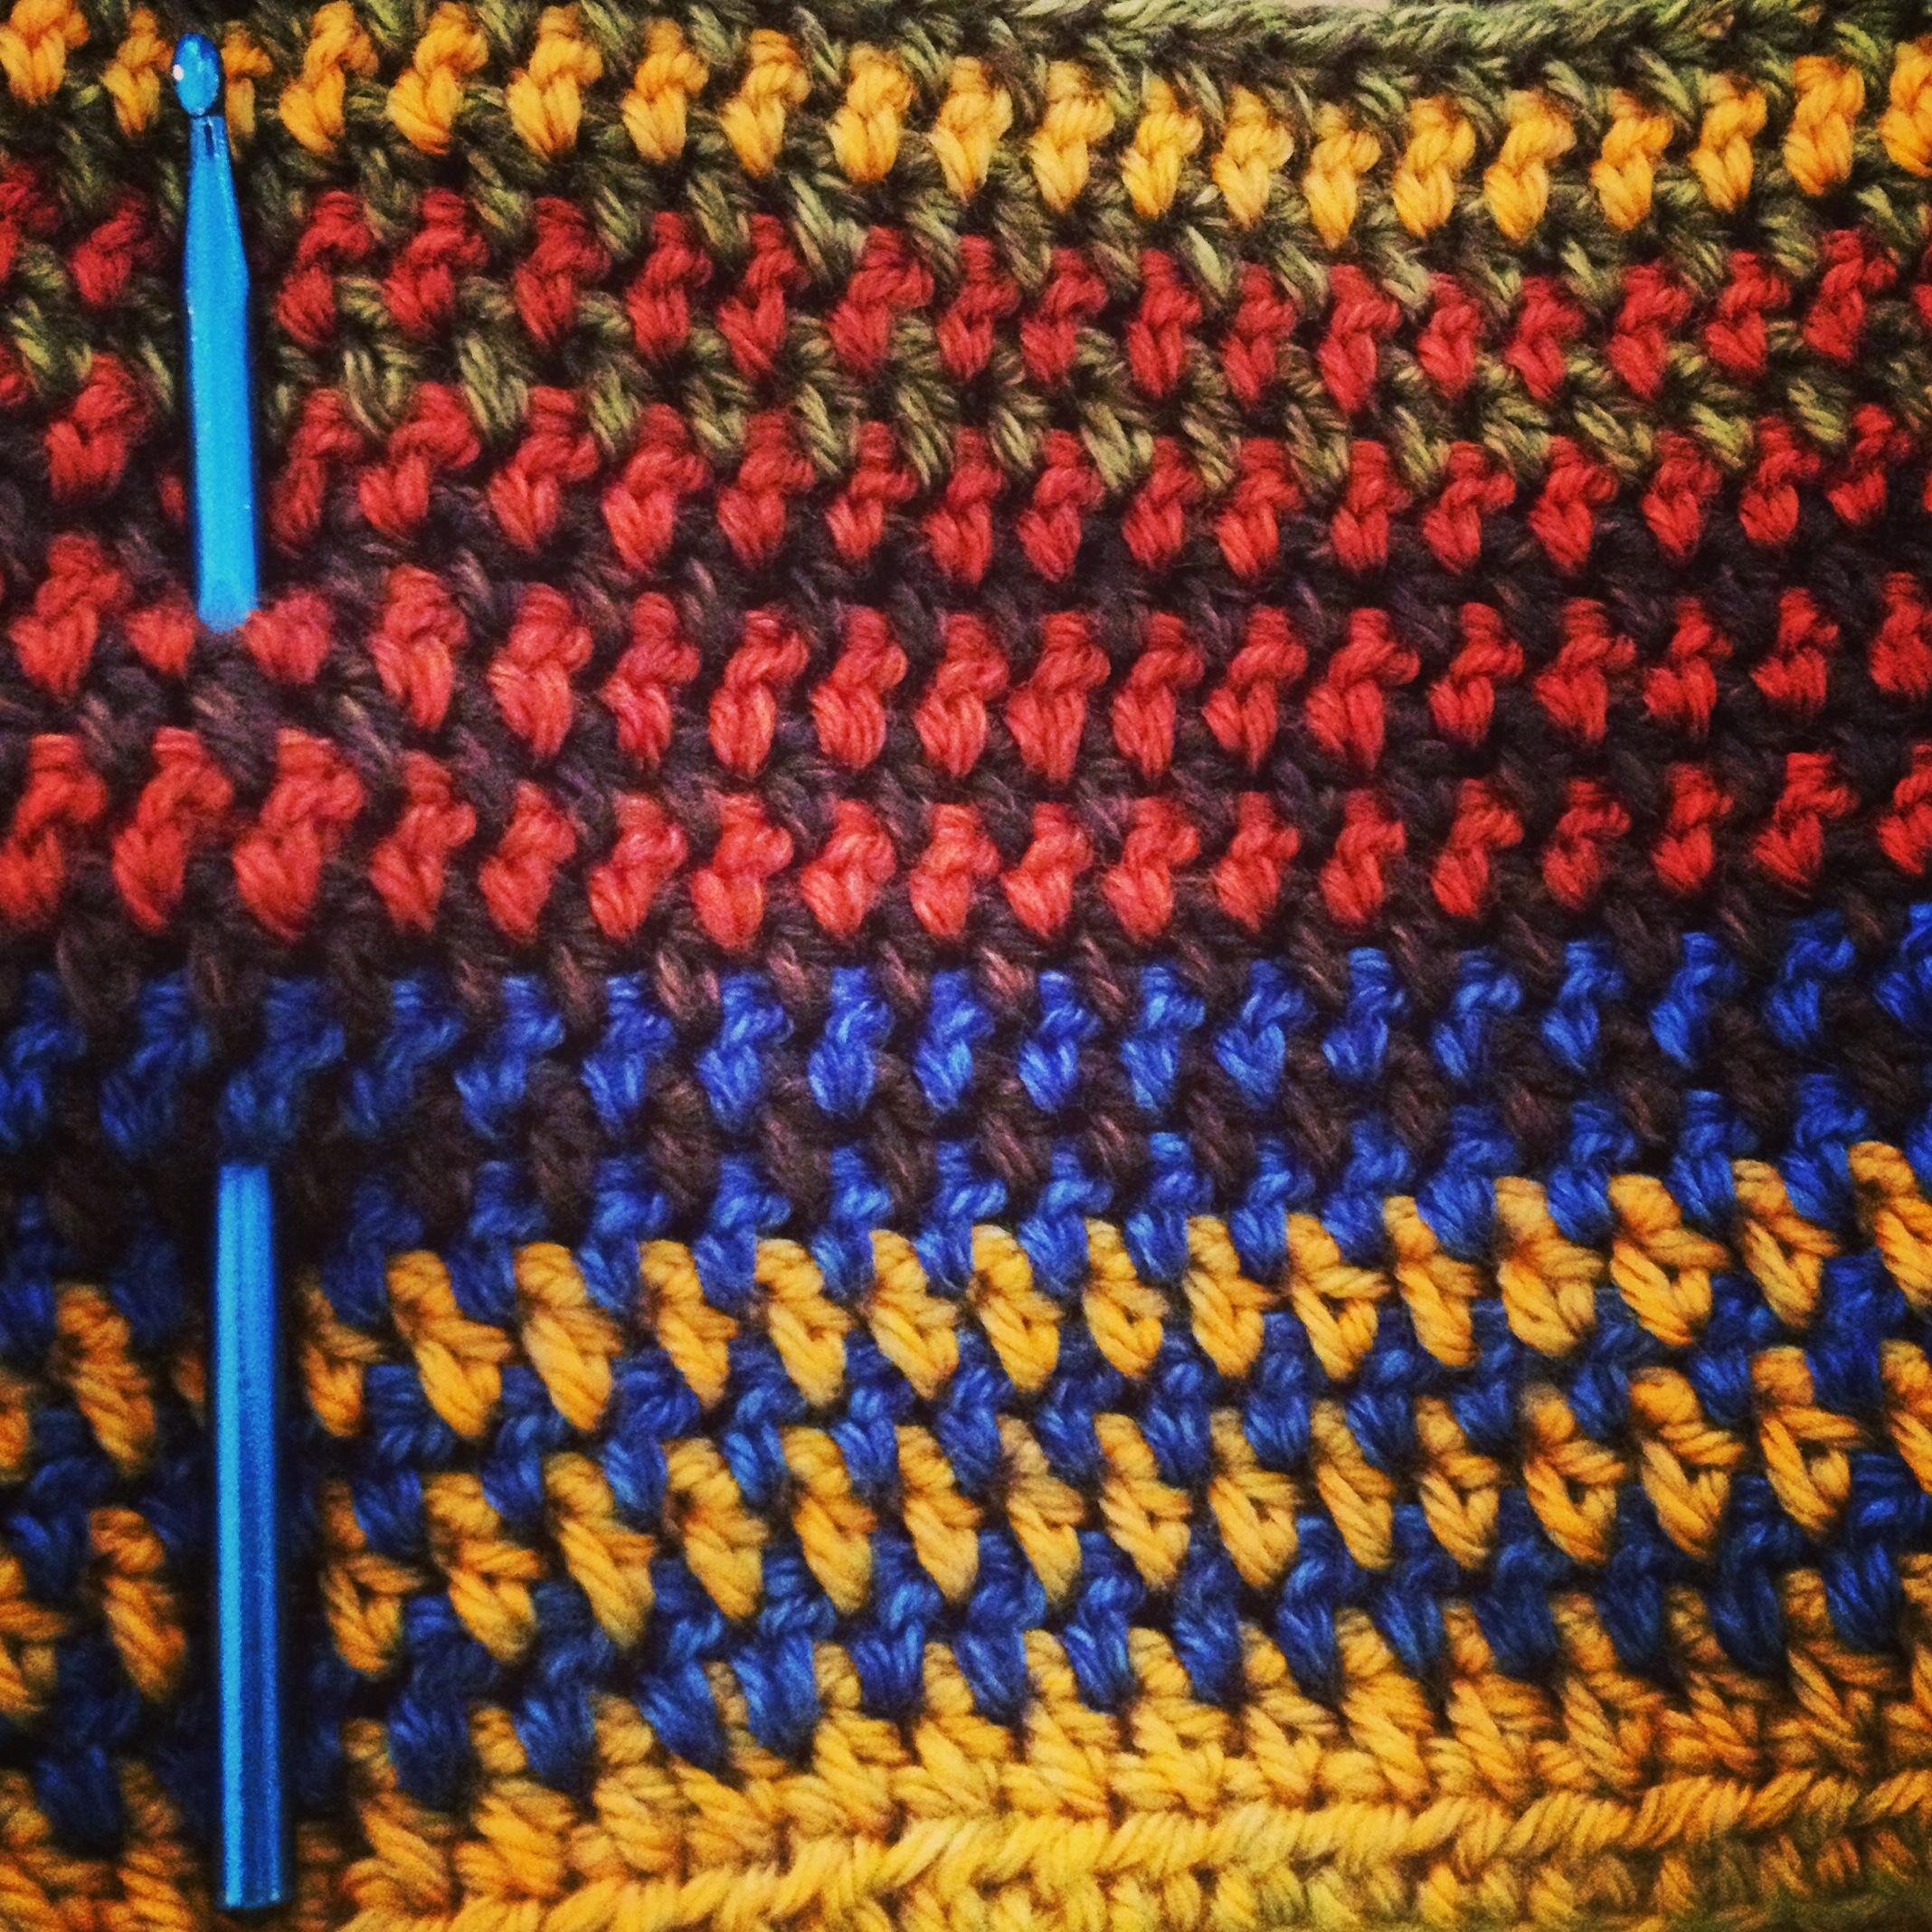 Crochet blanket beginnings!